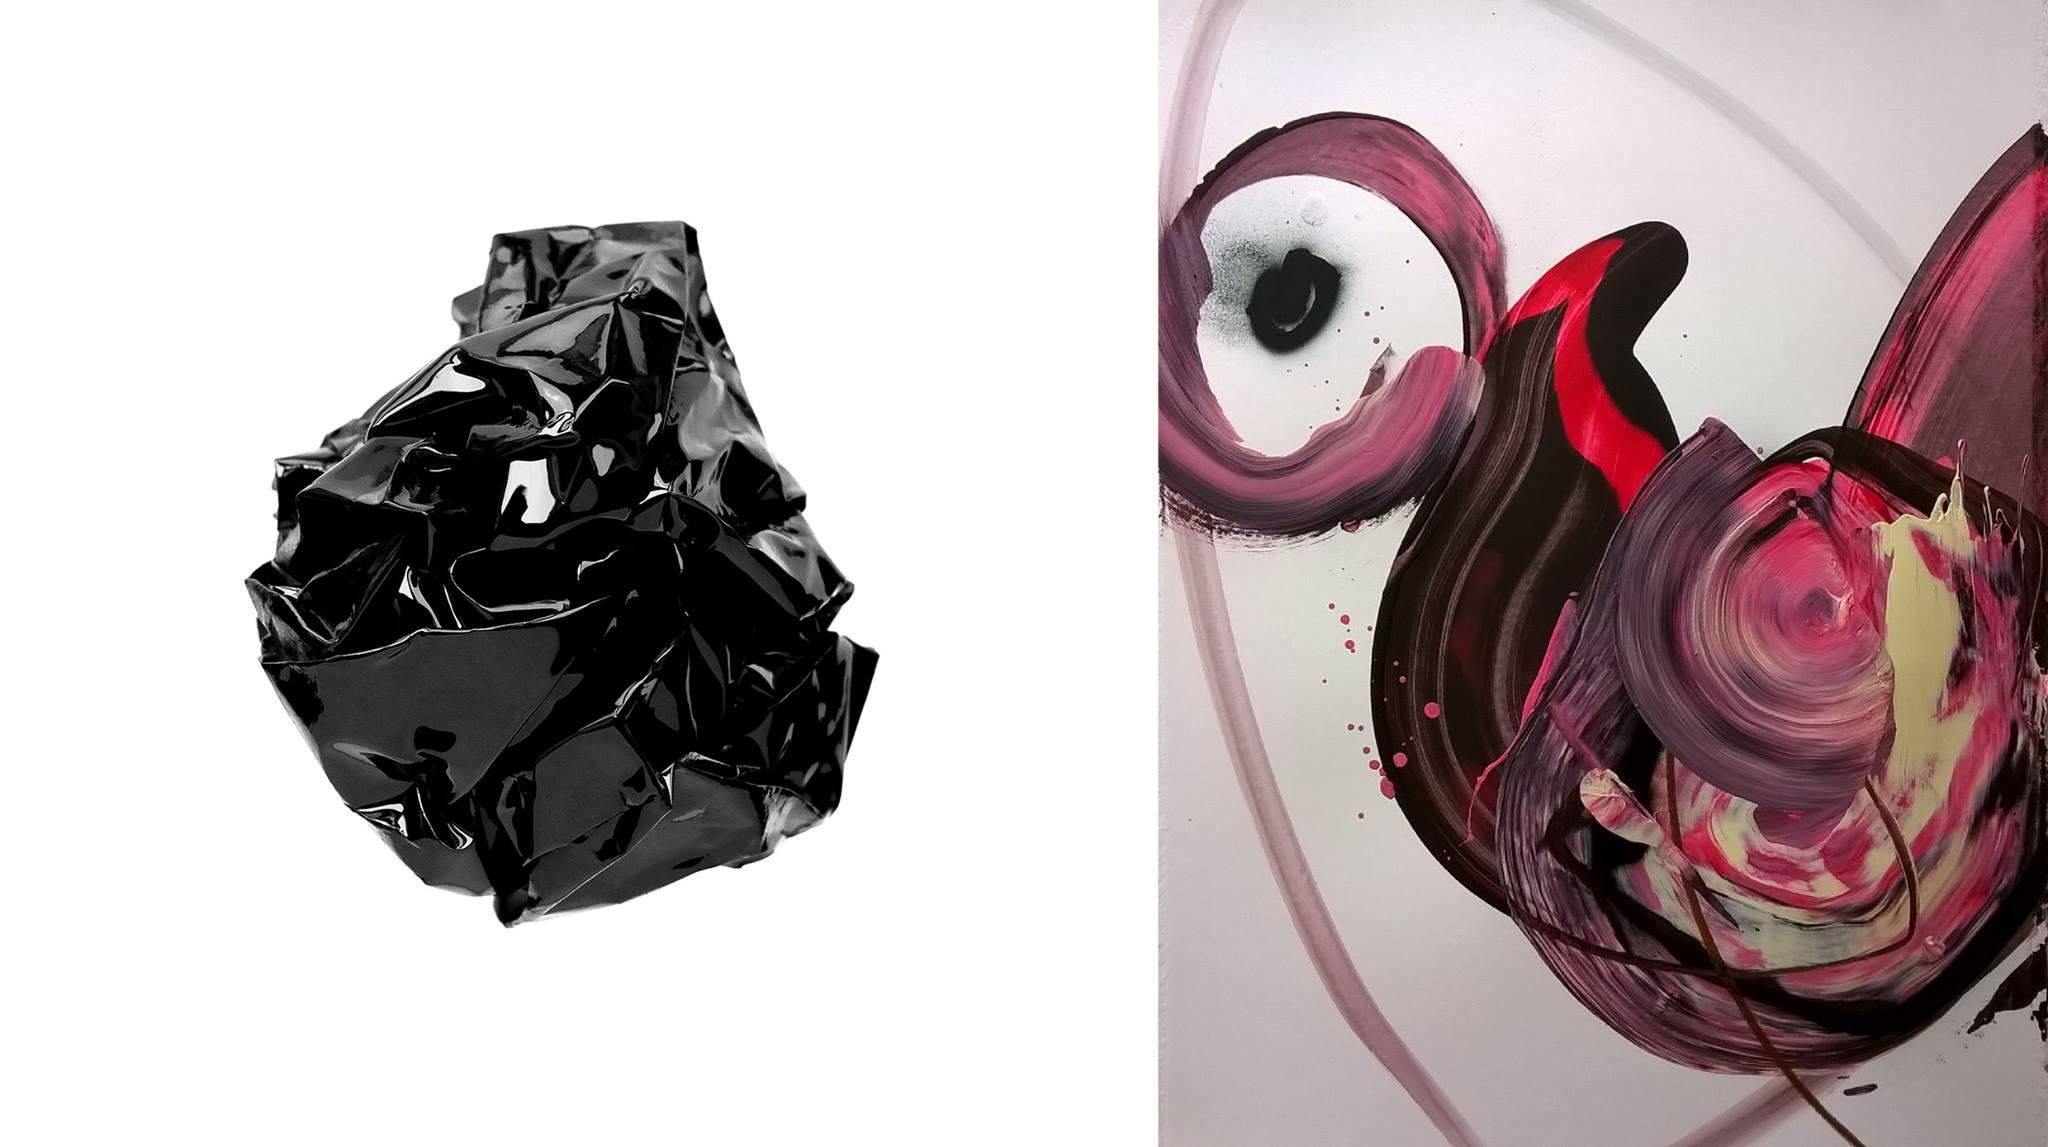 Combine eröffnet ein völlig neues Ausstellungskonzept von Kunst!